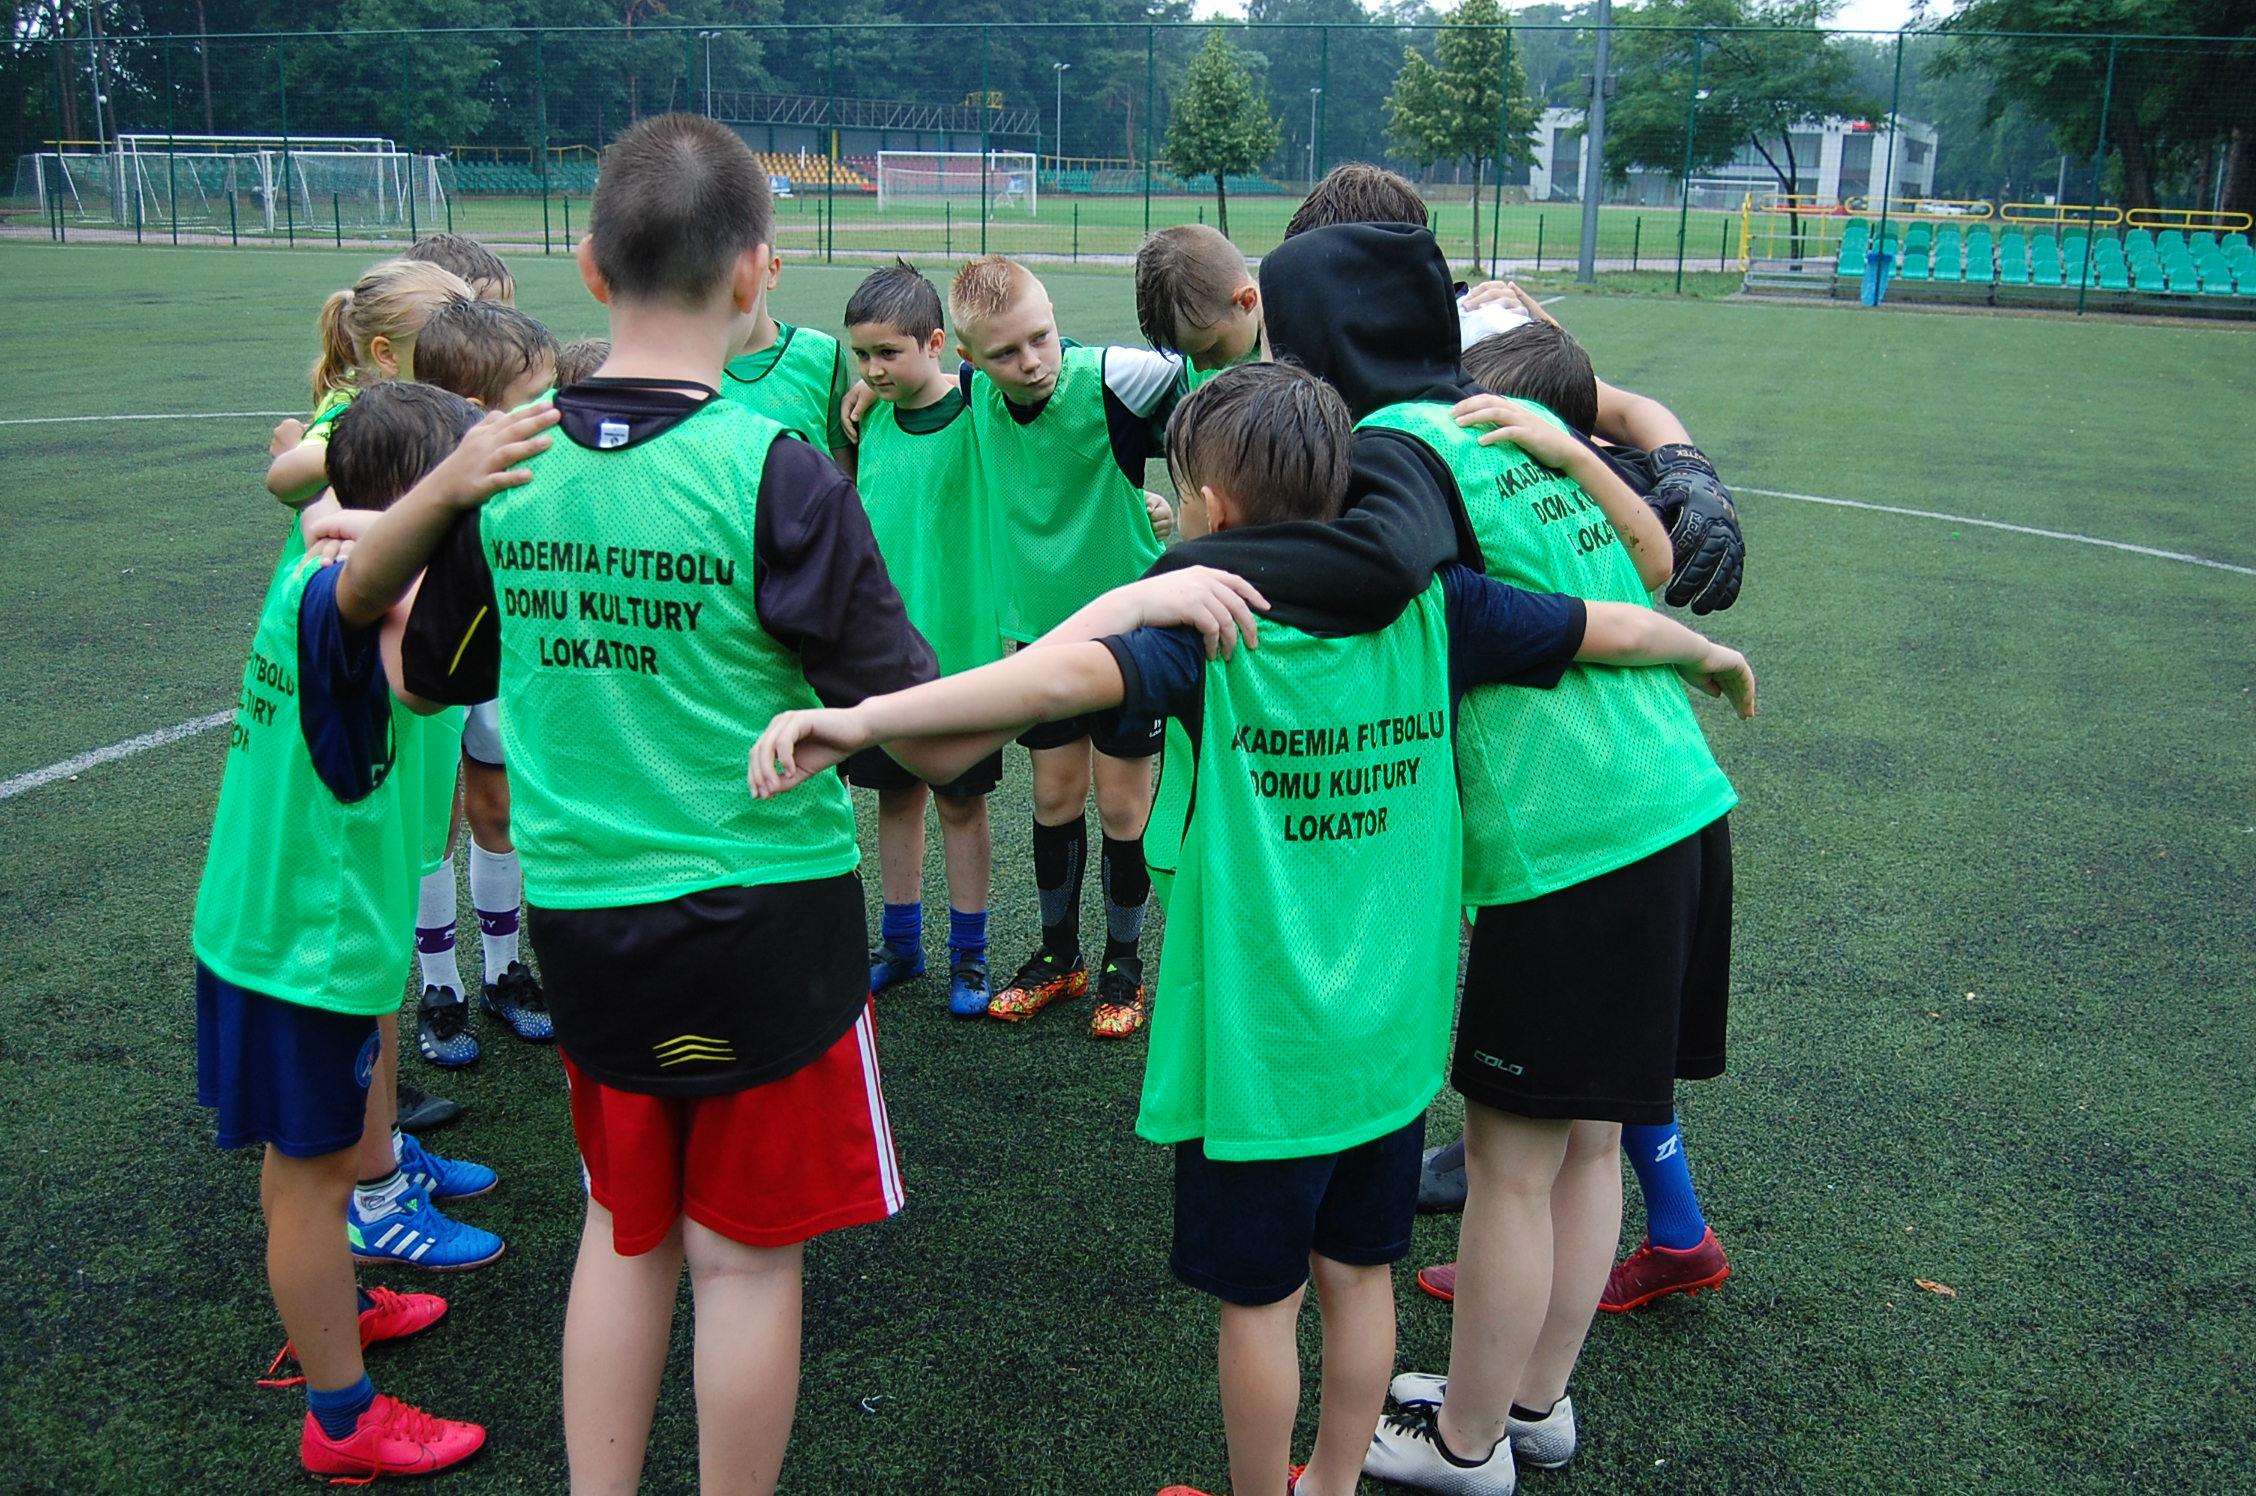 Dzień 9ty Akademii Futbolu